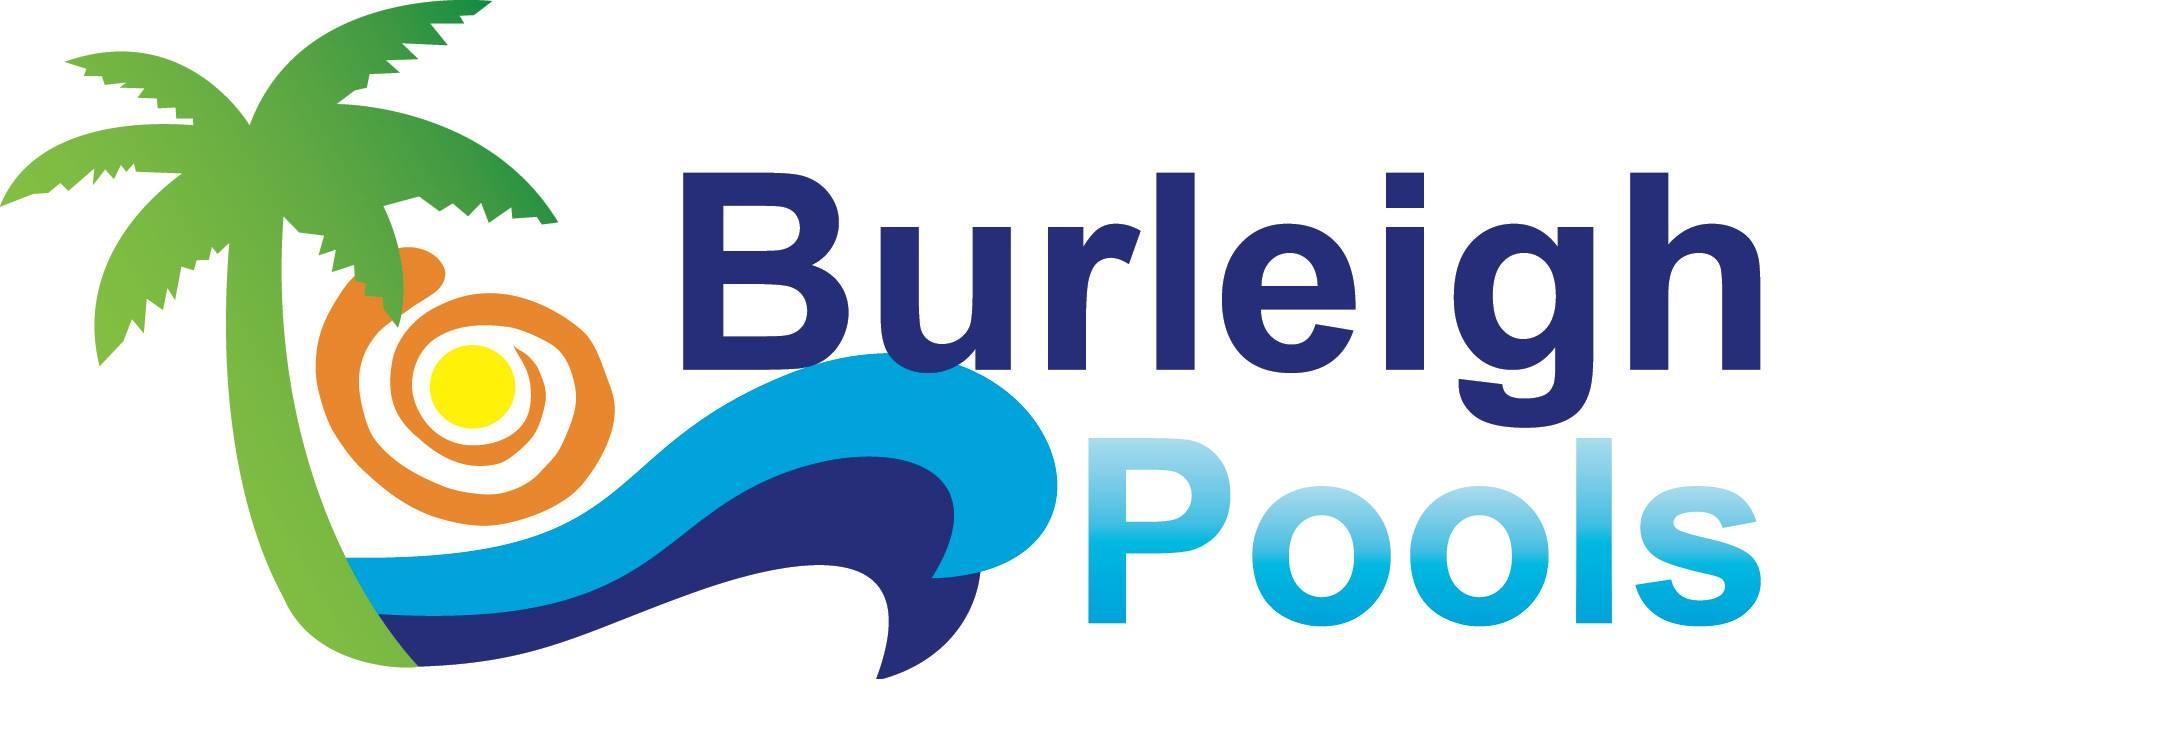 Burleigh Pools